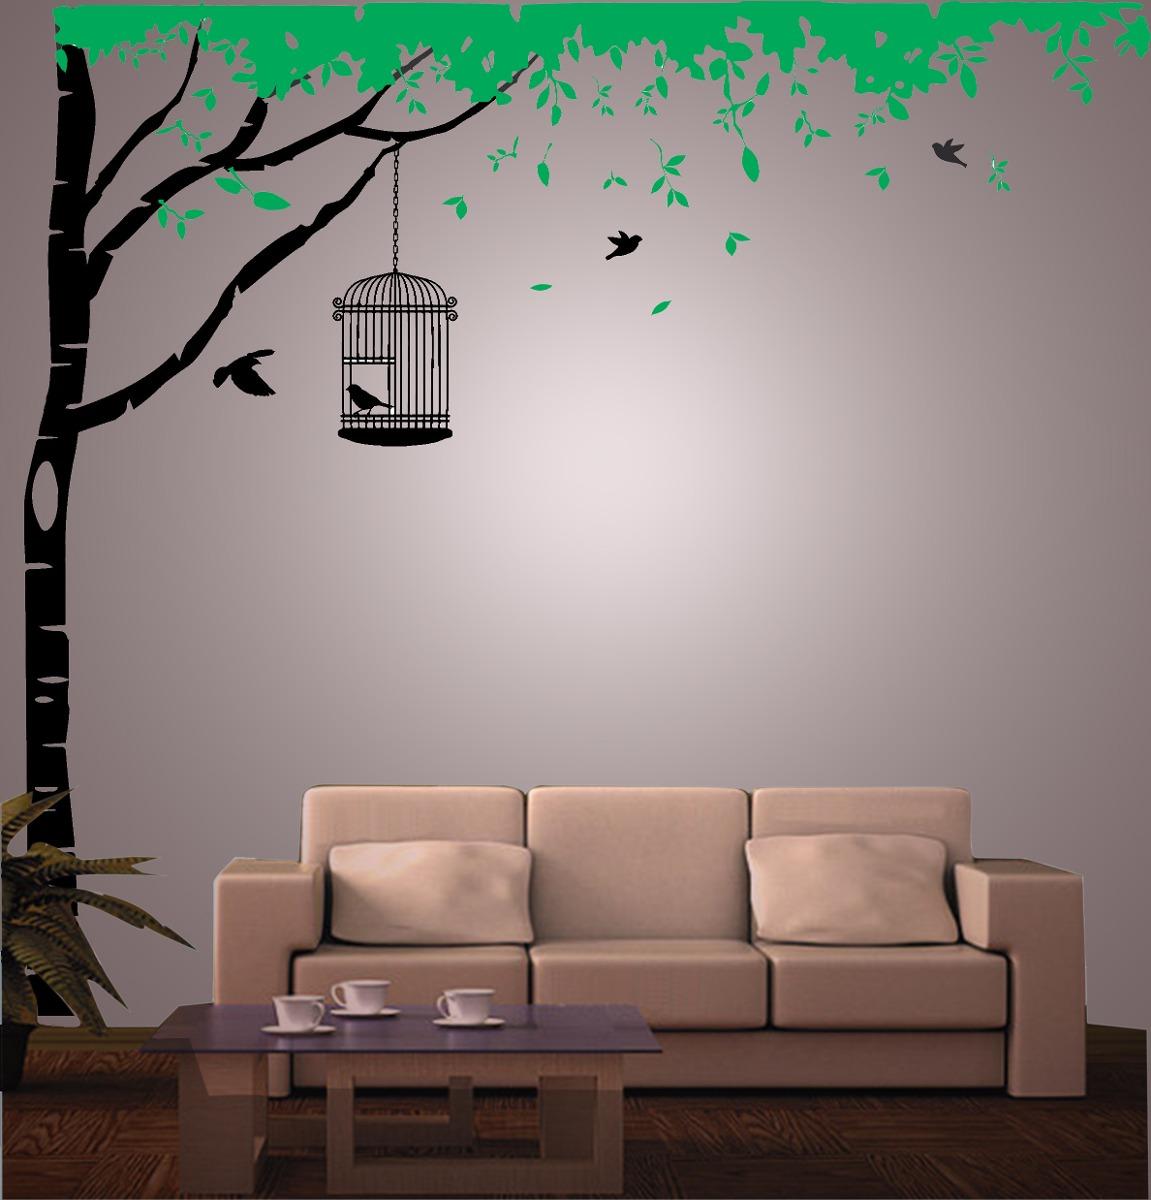 Vinilo pared arbol y hojas decoraci n wall stickers - Decoracion para pared ...